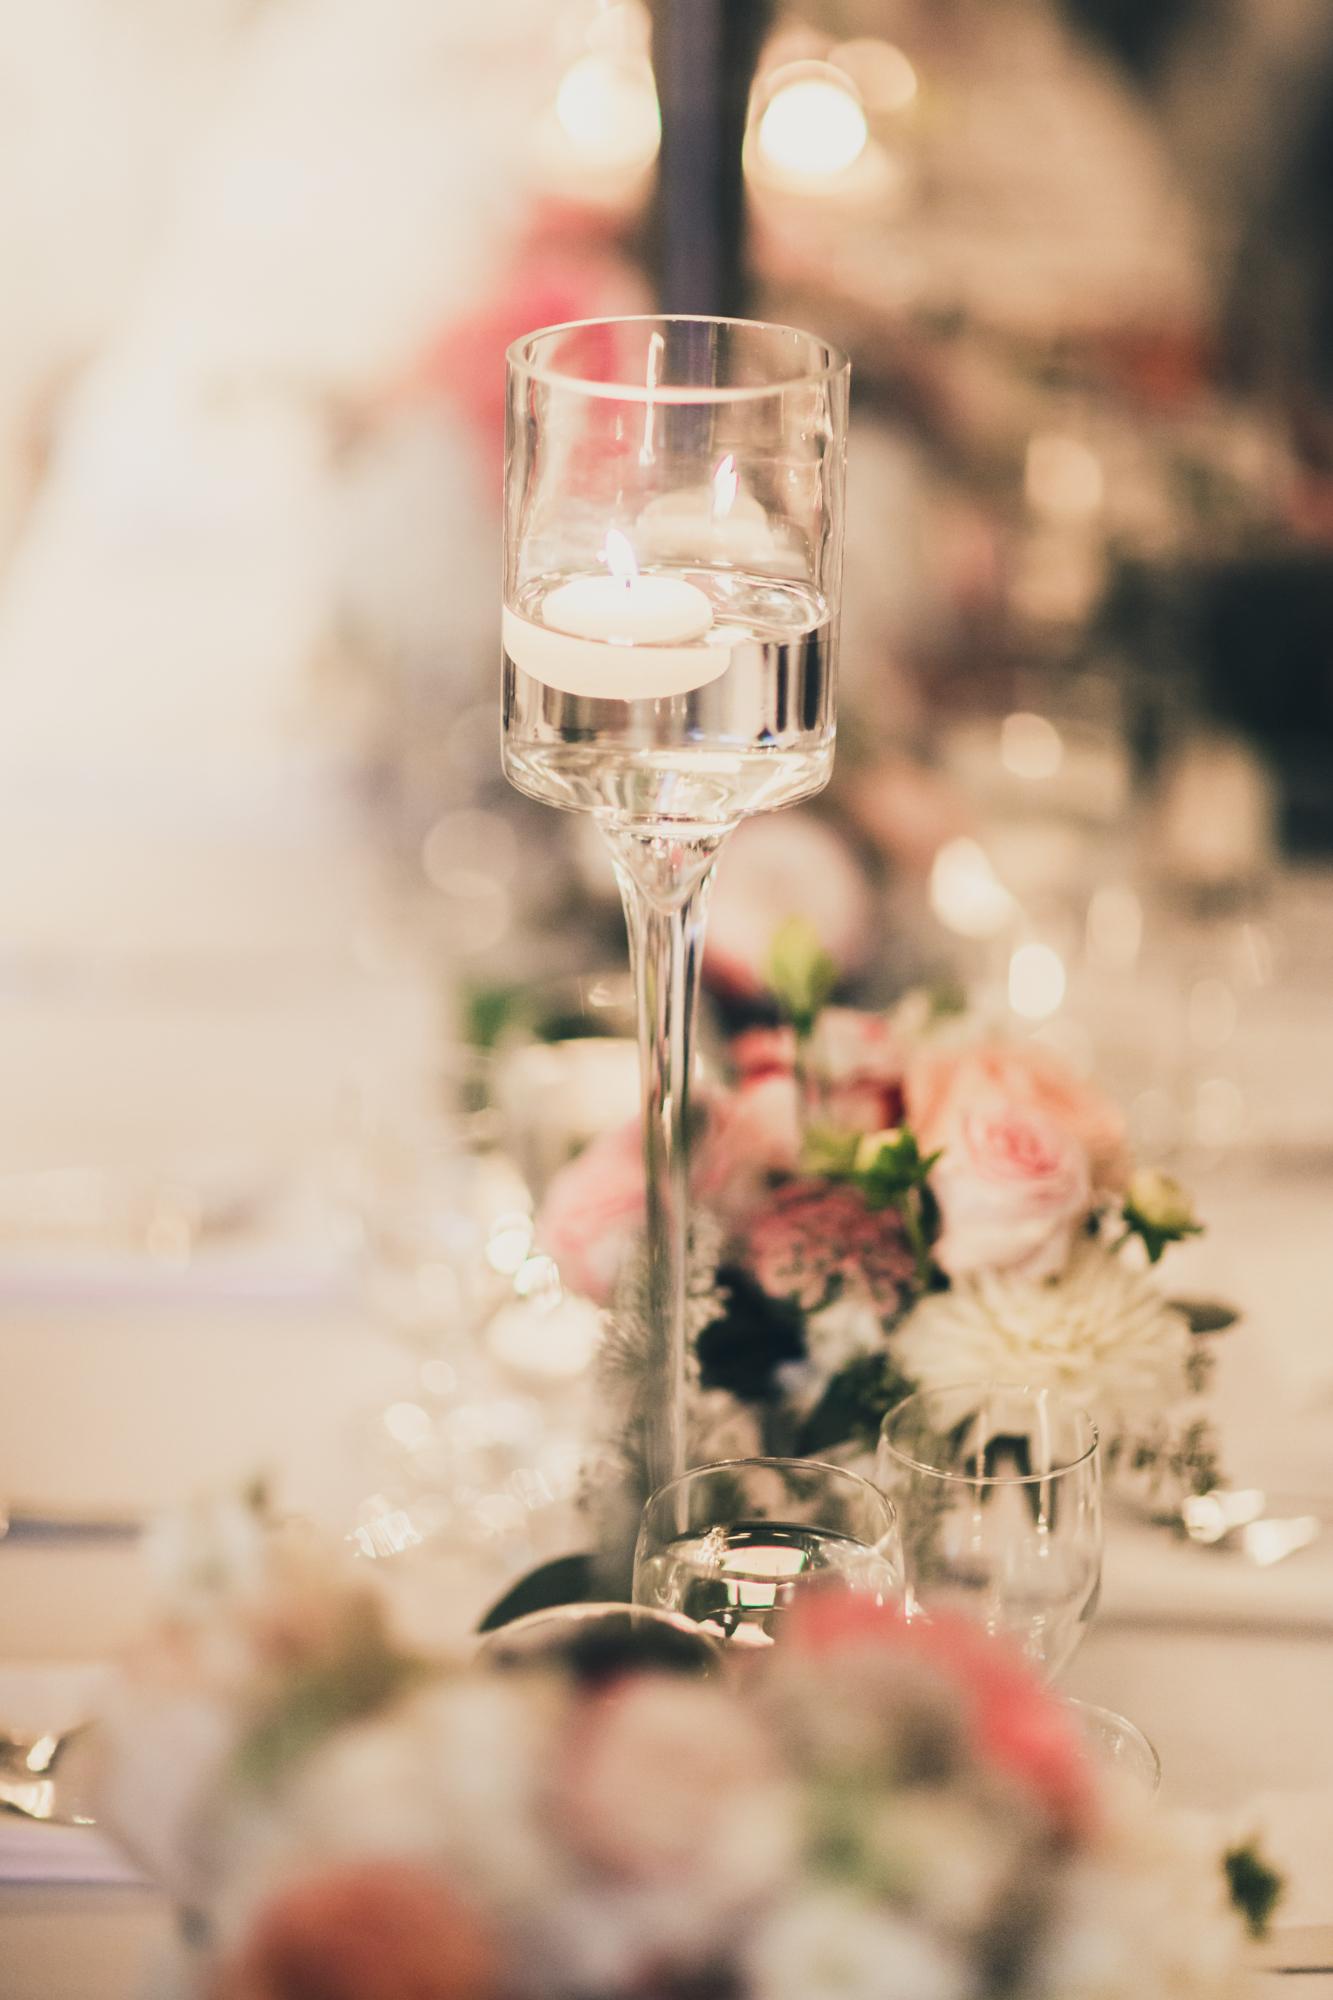 New York Wedding Photographer Boris Zaretsky Boris_Zaretsky_Photography_1N3A0901 copy.jpg